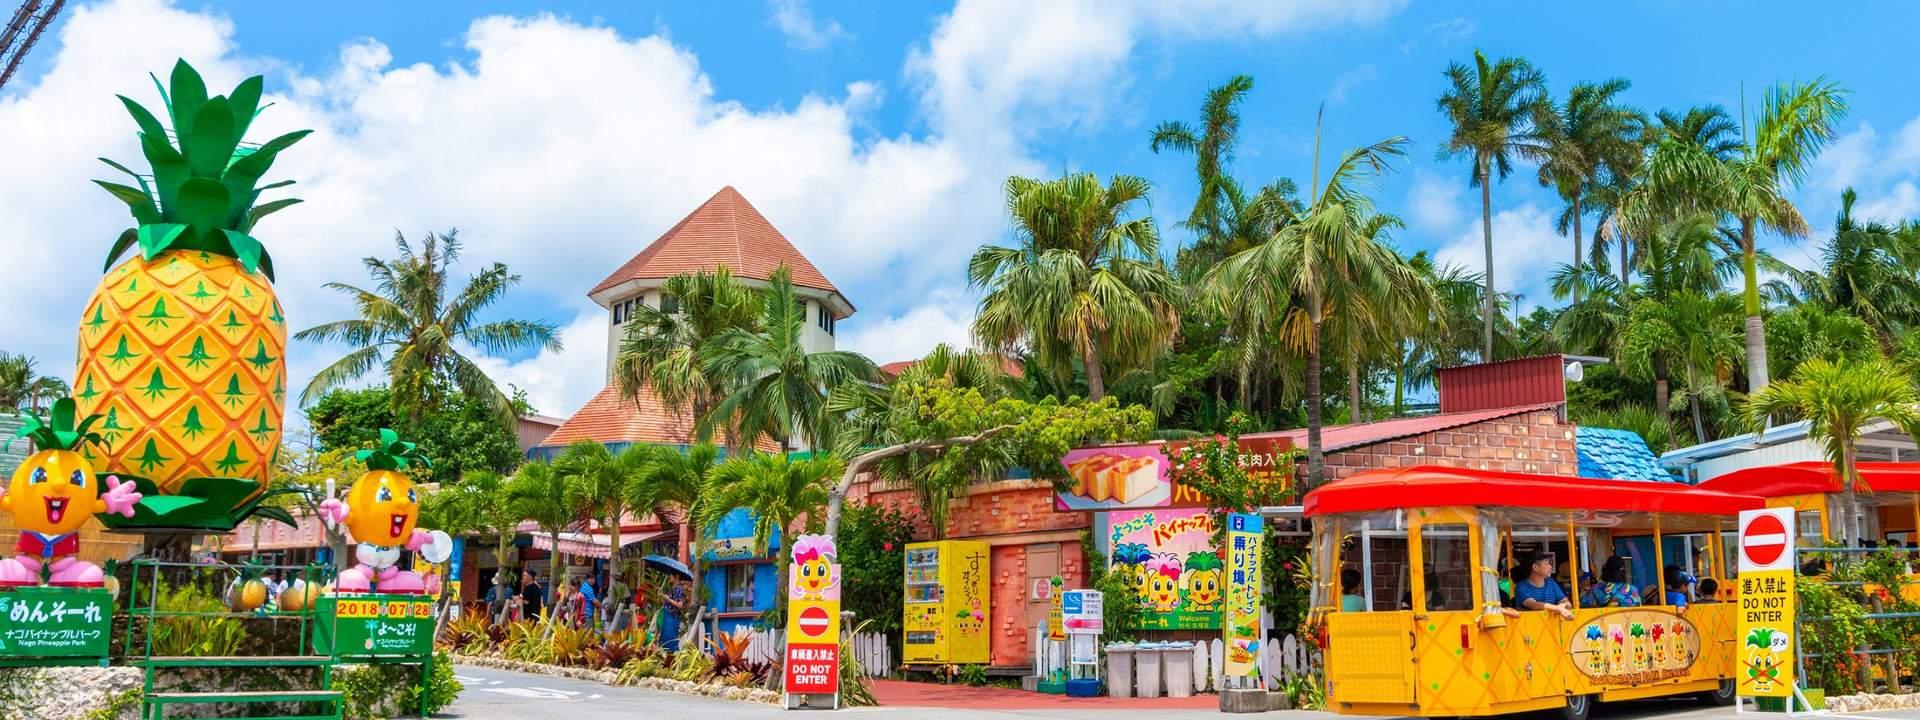 Công Viên Dứa Nago nằm trên đảo nổi Okinawa, Nhật Bản